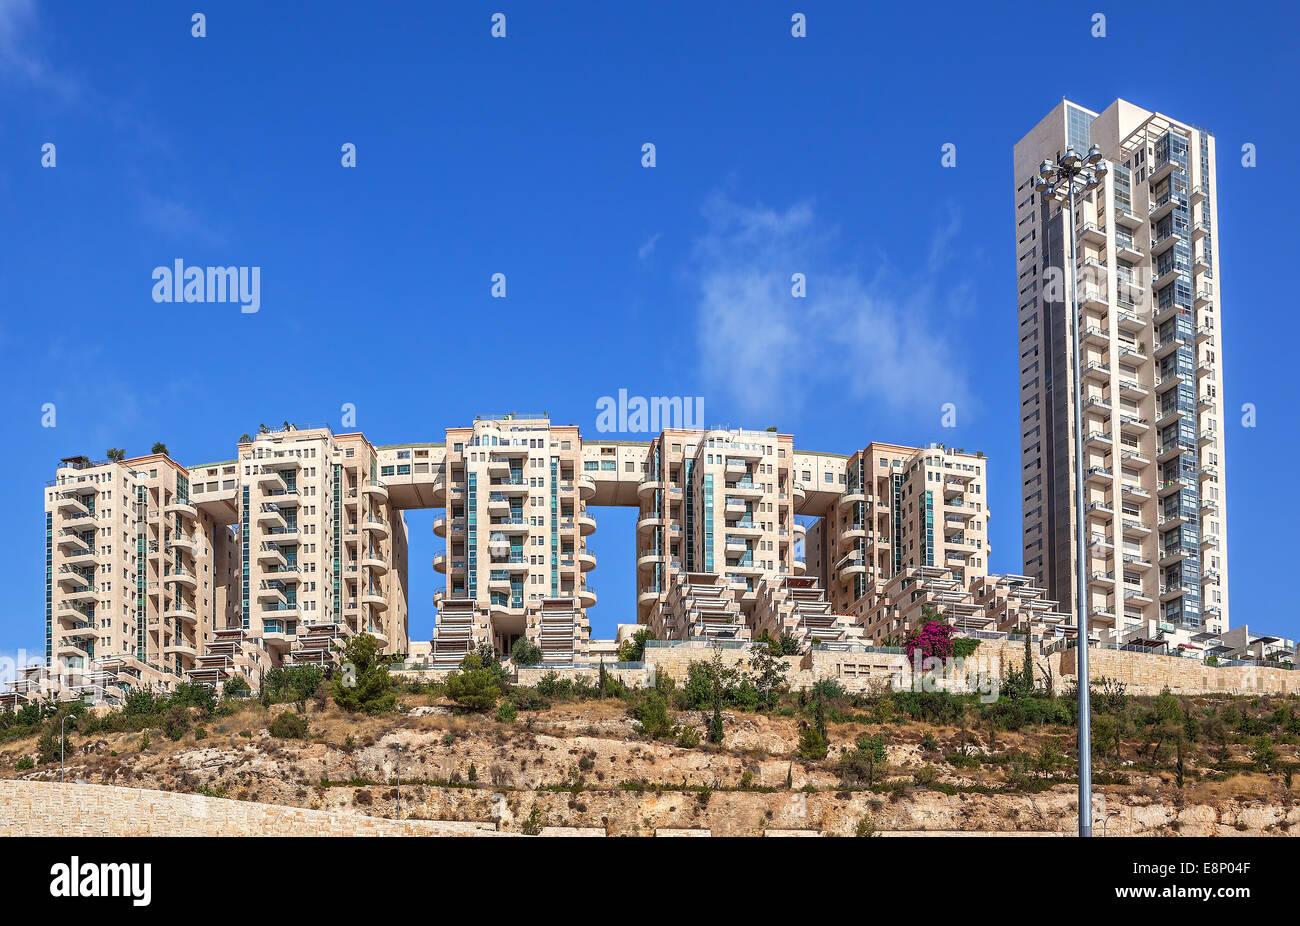 Complexe résidentiel contemporain sous ciel bleu à Jérusalem, Israël. Photo Stock